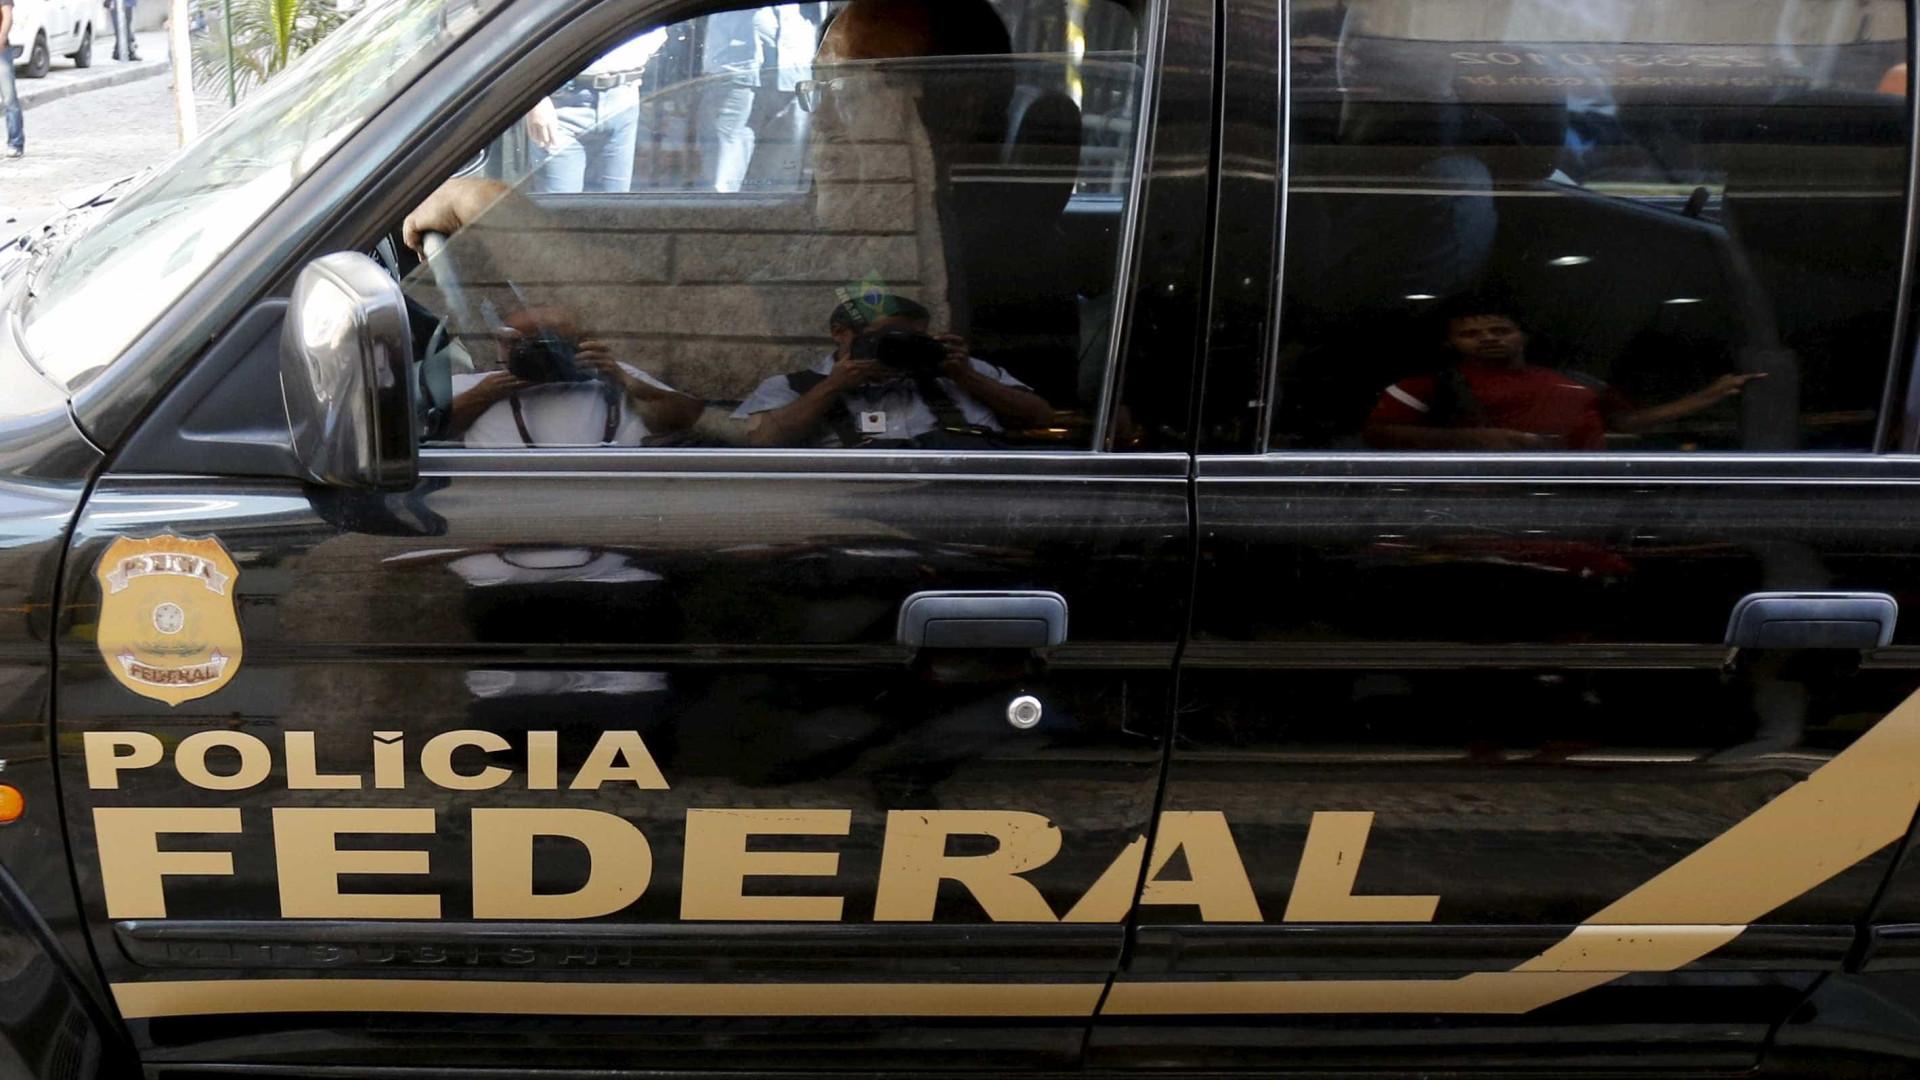 Para 'defender' Lava Jato, 13 delegados da PF serão candidatos